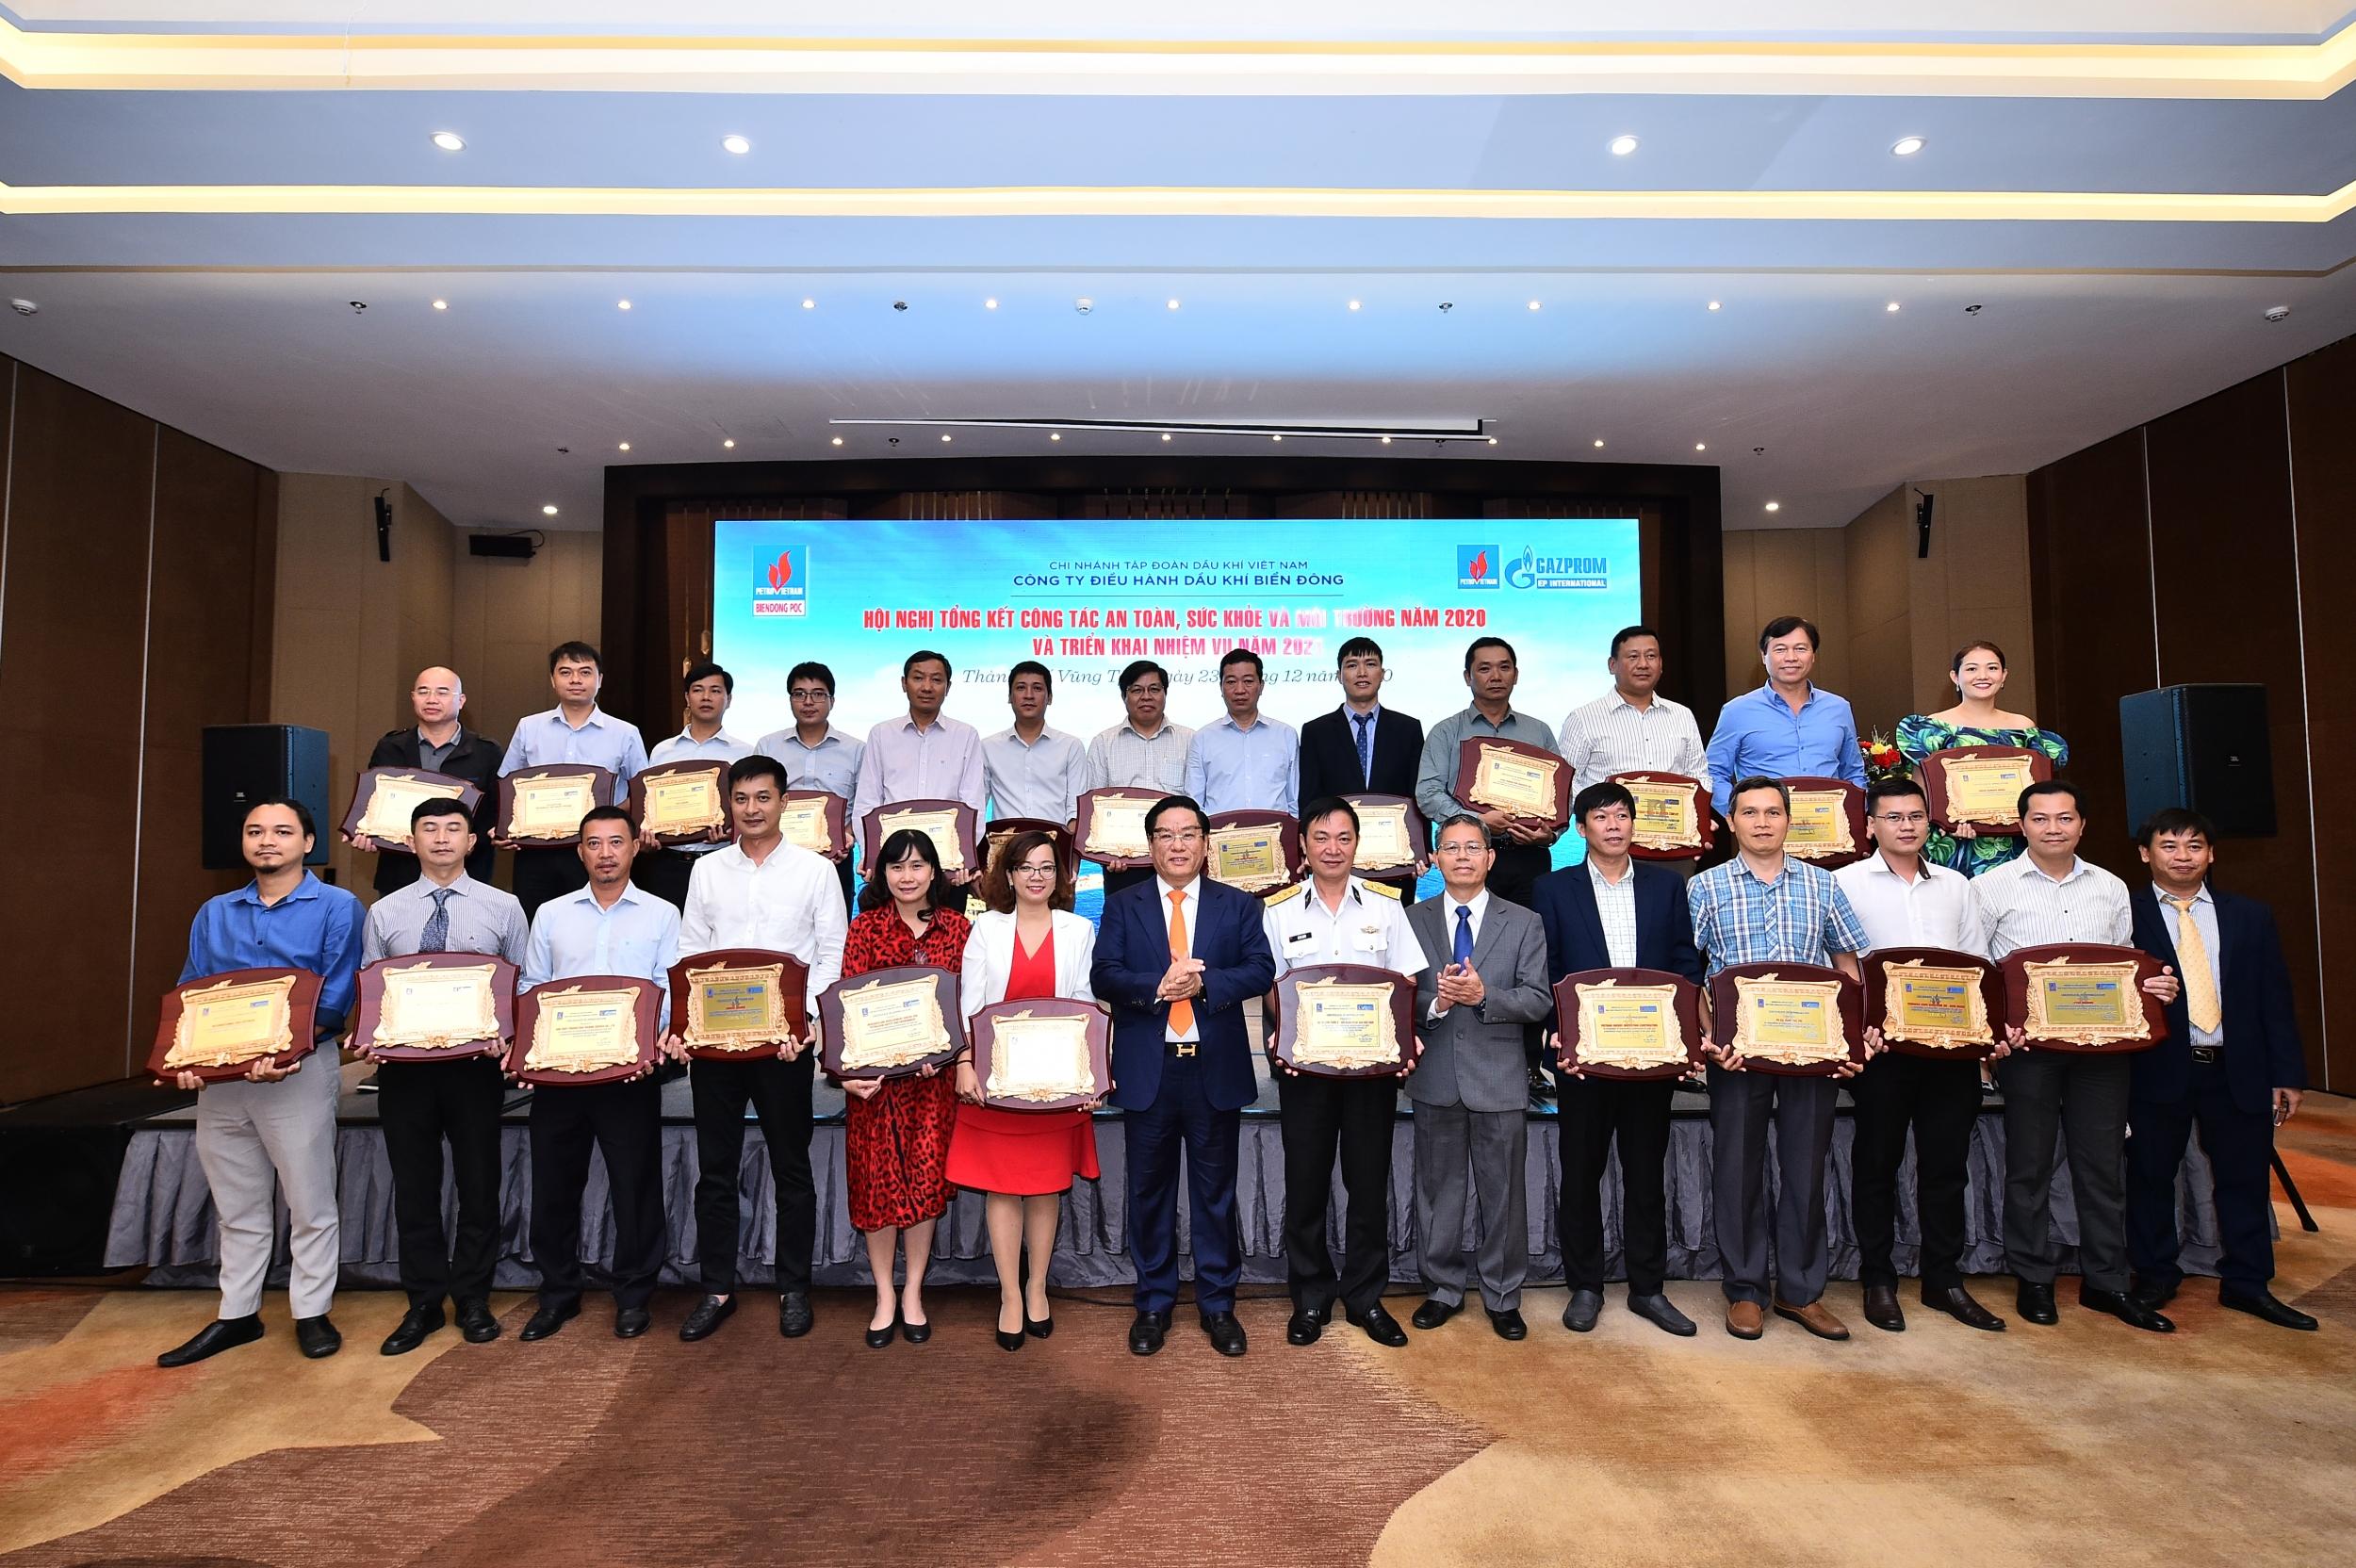 Lãnh đạo BIENDONG POC trao tặng giấy khen cho các Nhà thầu có thành tích xuất sắc